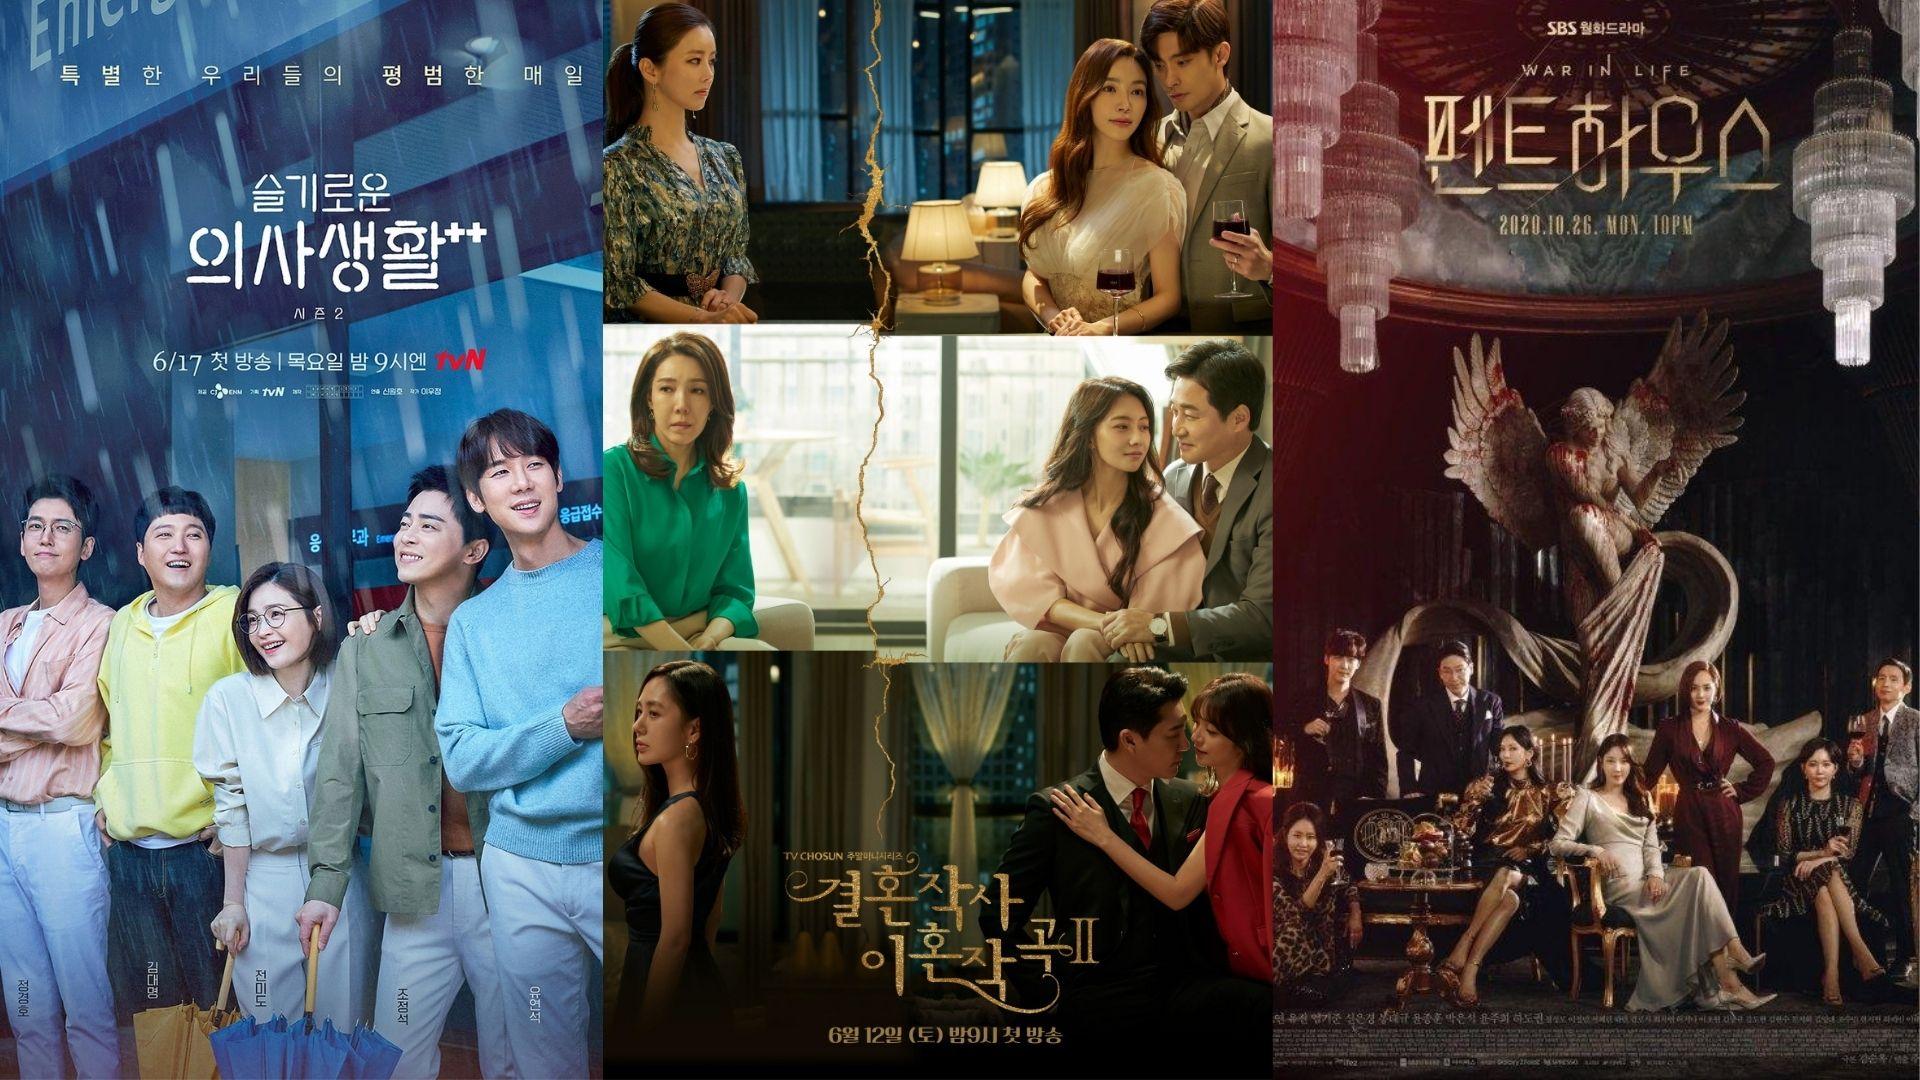 3 bộ phim đình đám Hàn Quốc mà bạn không nên bỏ qua trong tháng 6 này